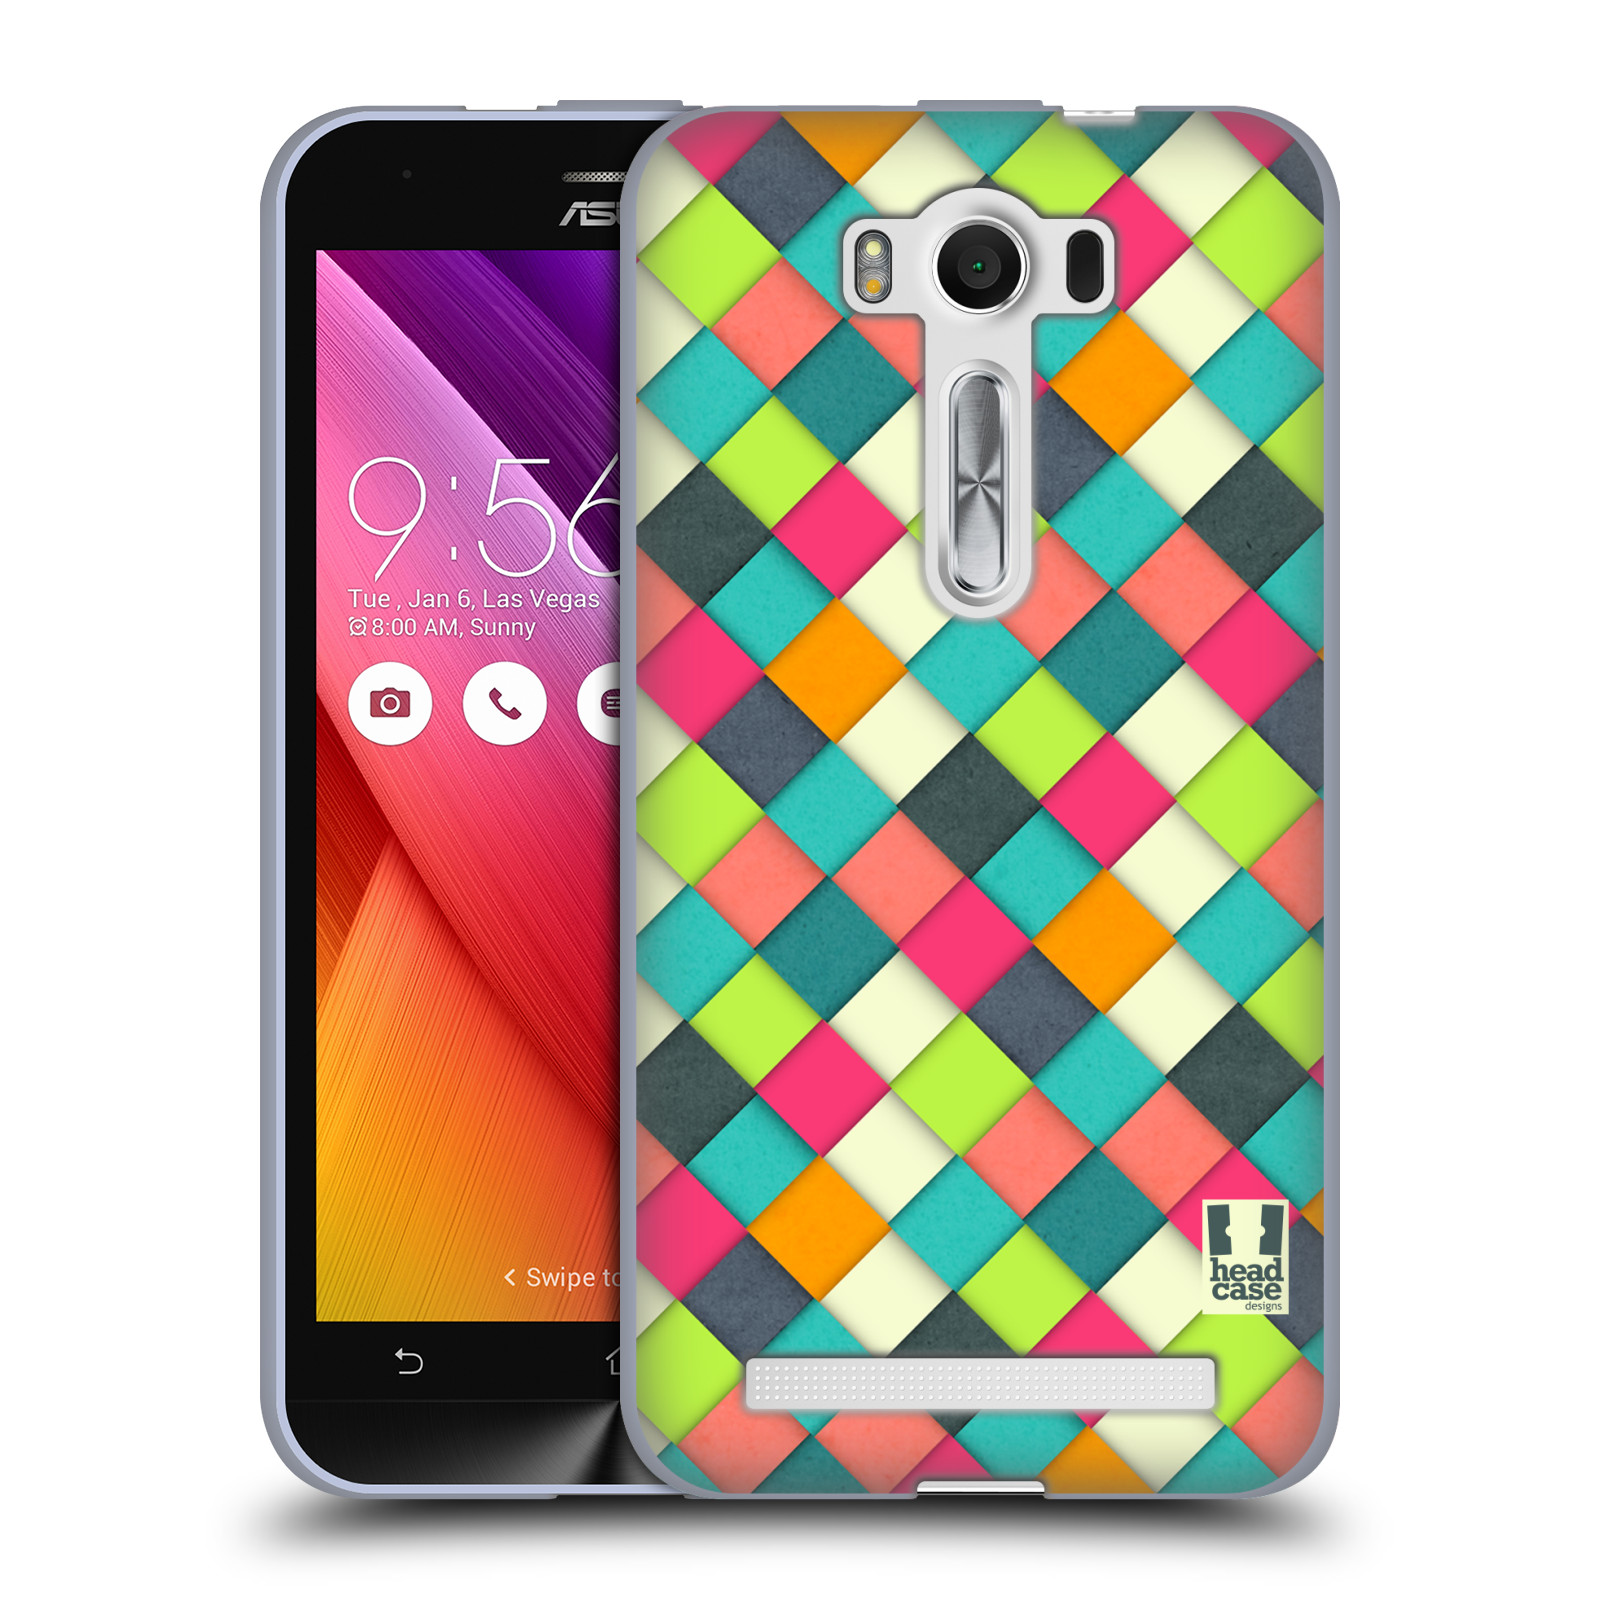 """Silikonové pouzdro na mobil Asus ZenFone 2 Laser ZE500KL HEAD CASE WOVEN (Silikonový kryt či obal na mobilní telefon Asus ZenFone 2 Laser ZE500KL s 5"""" displejem)"""